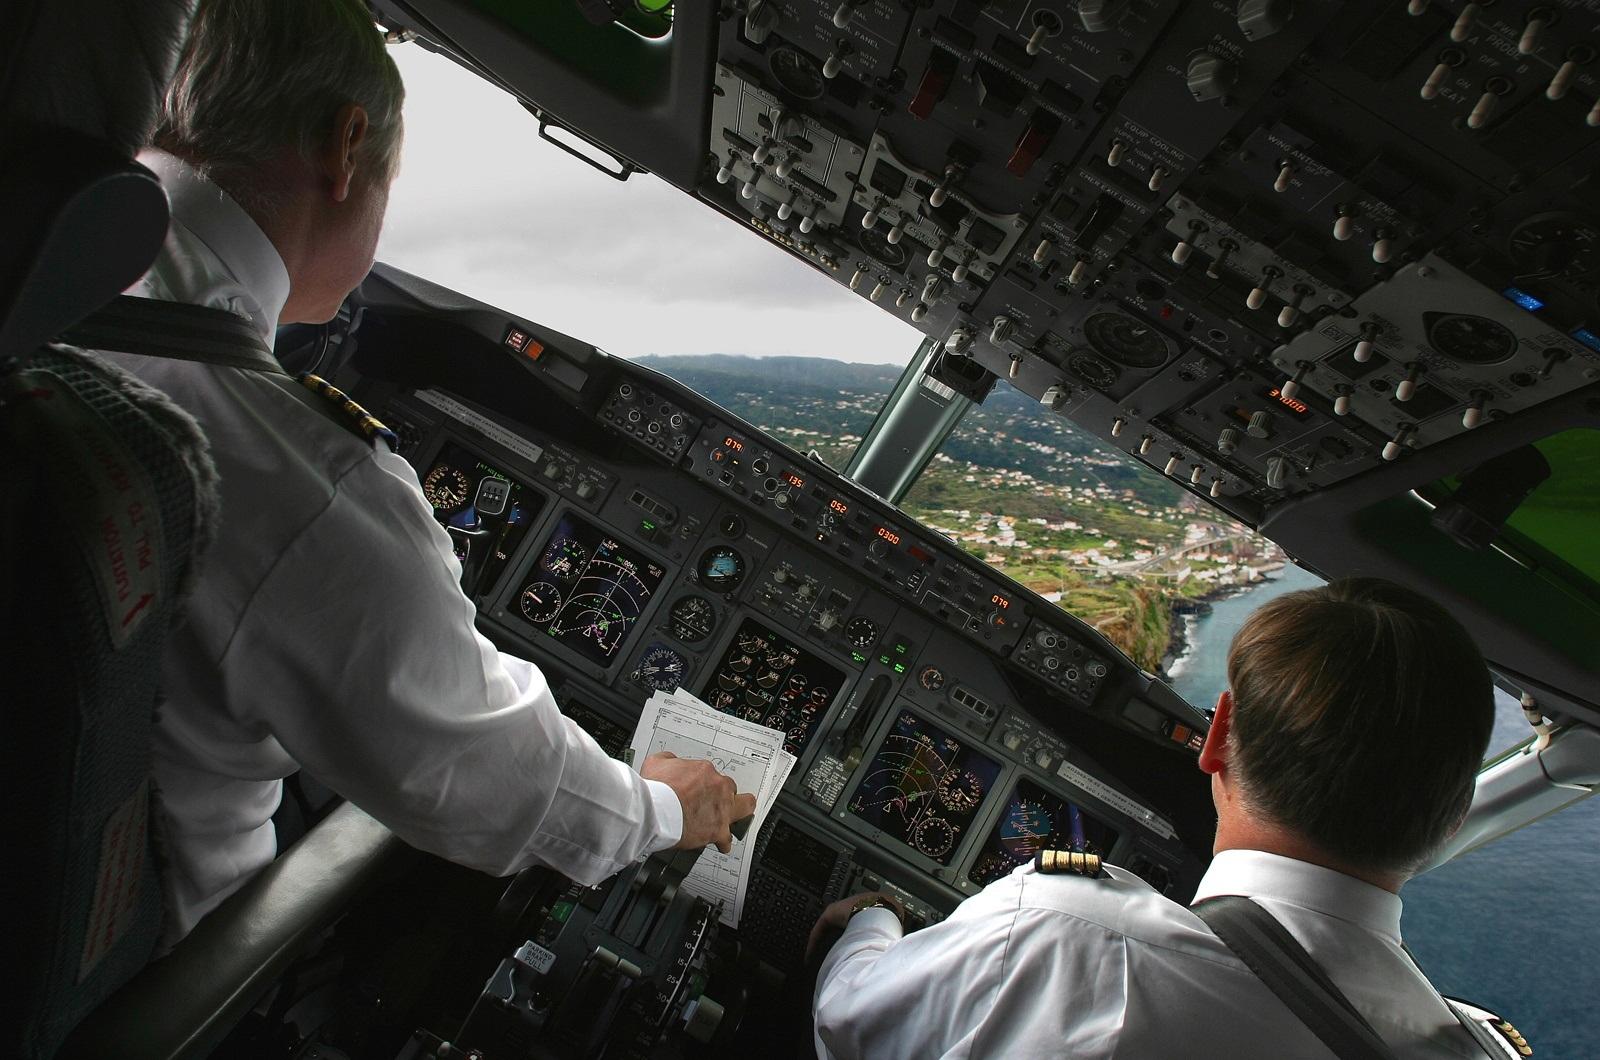 фото пилотов которые спасли самолет и пассажиров всему